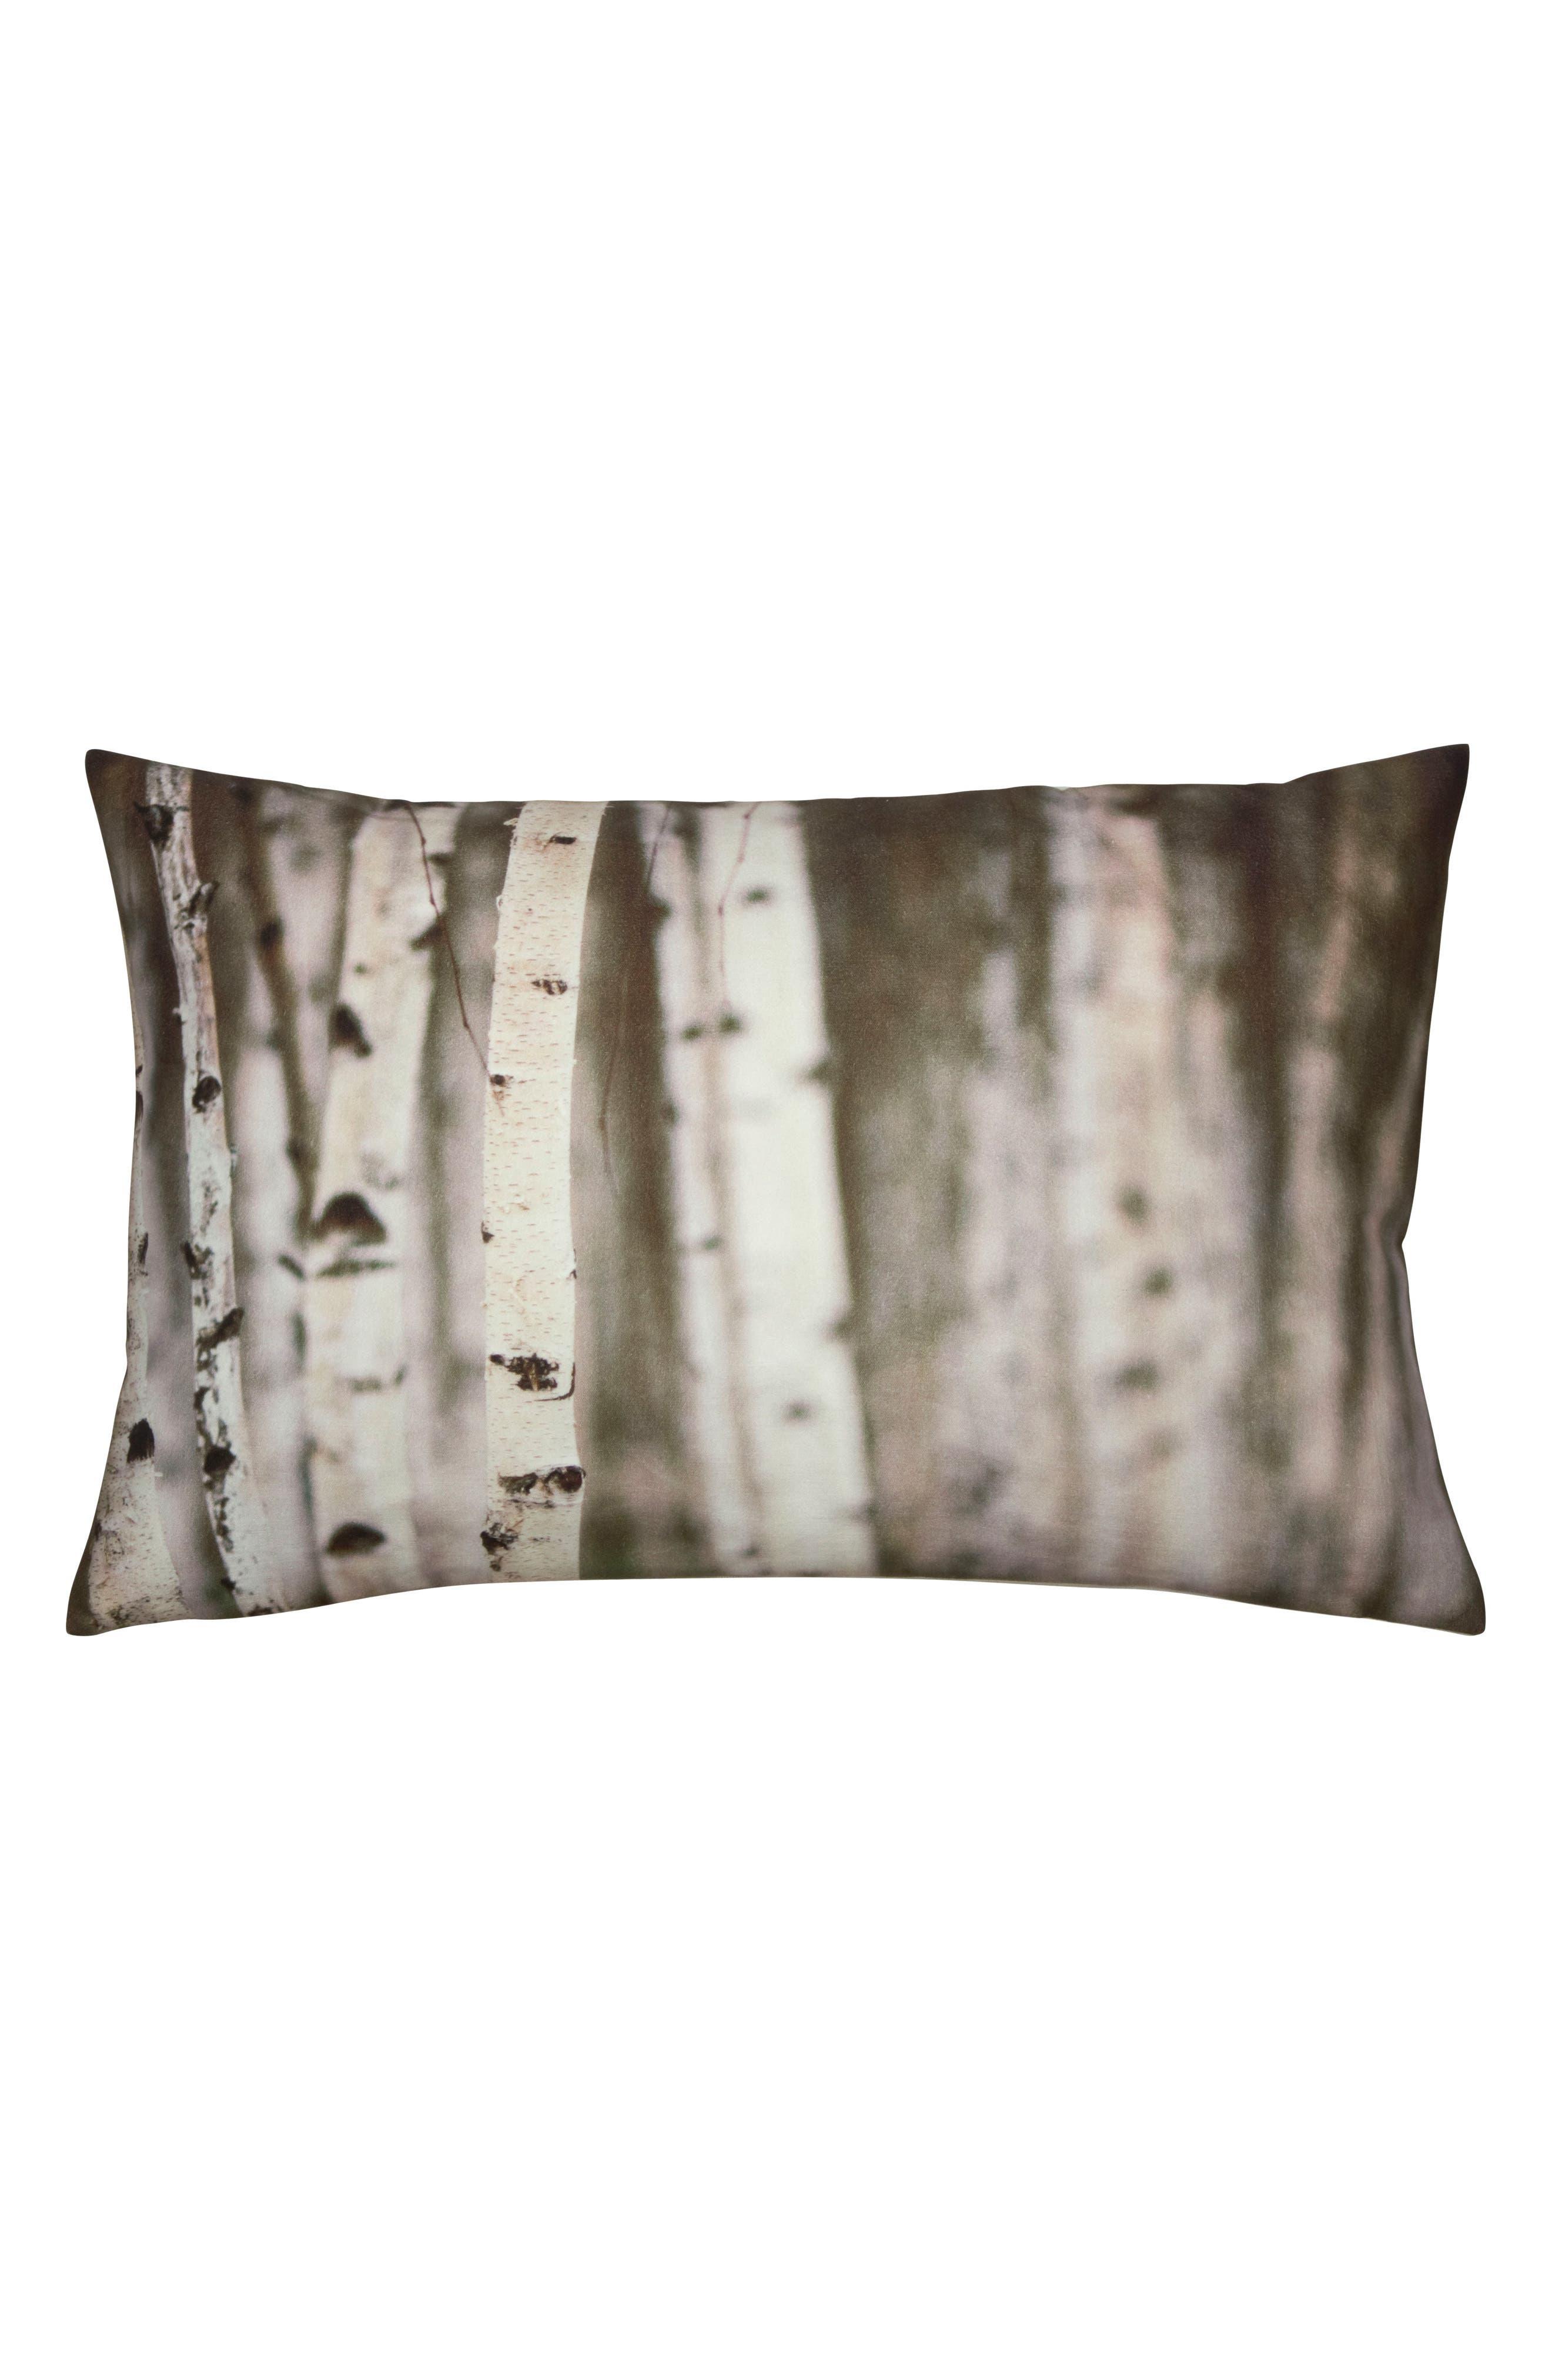 Eightmood Birch Accent Pillow